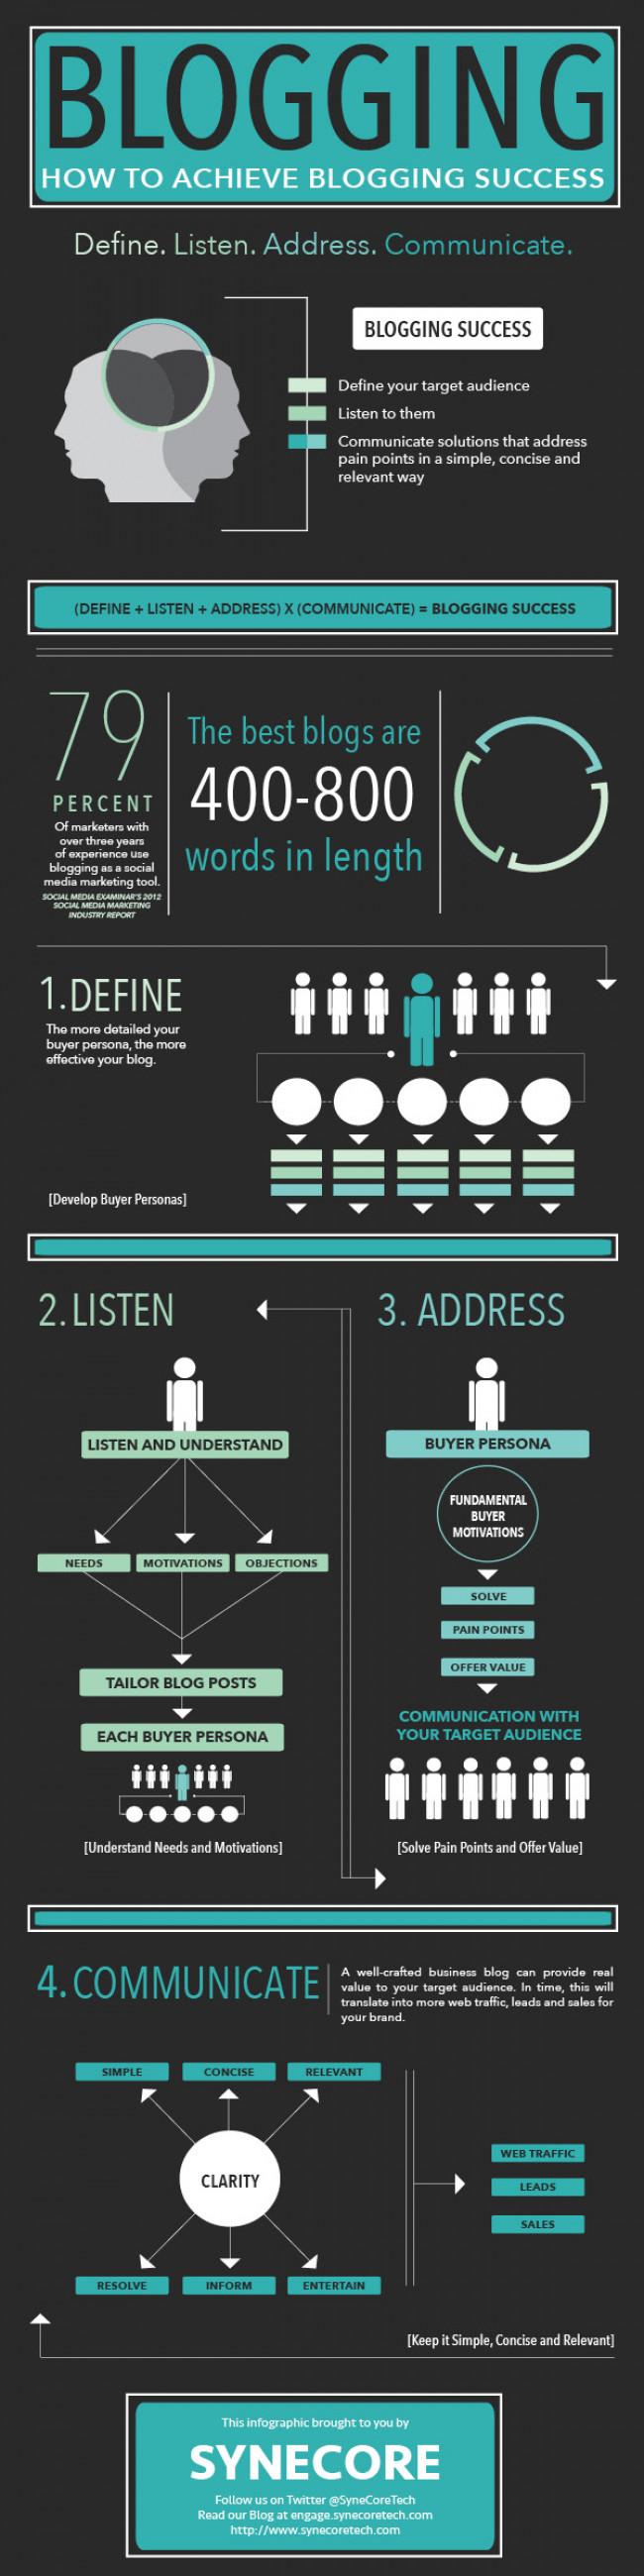 How to Achieve Blogging Success